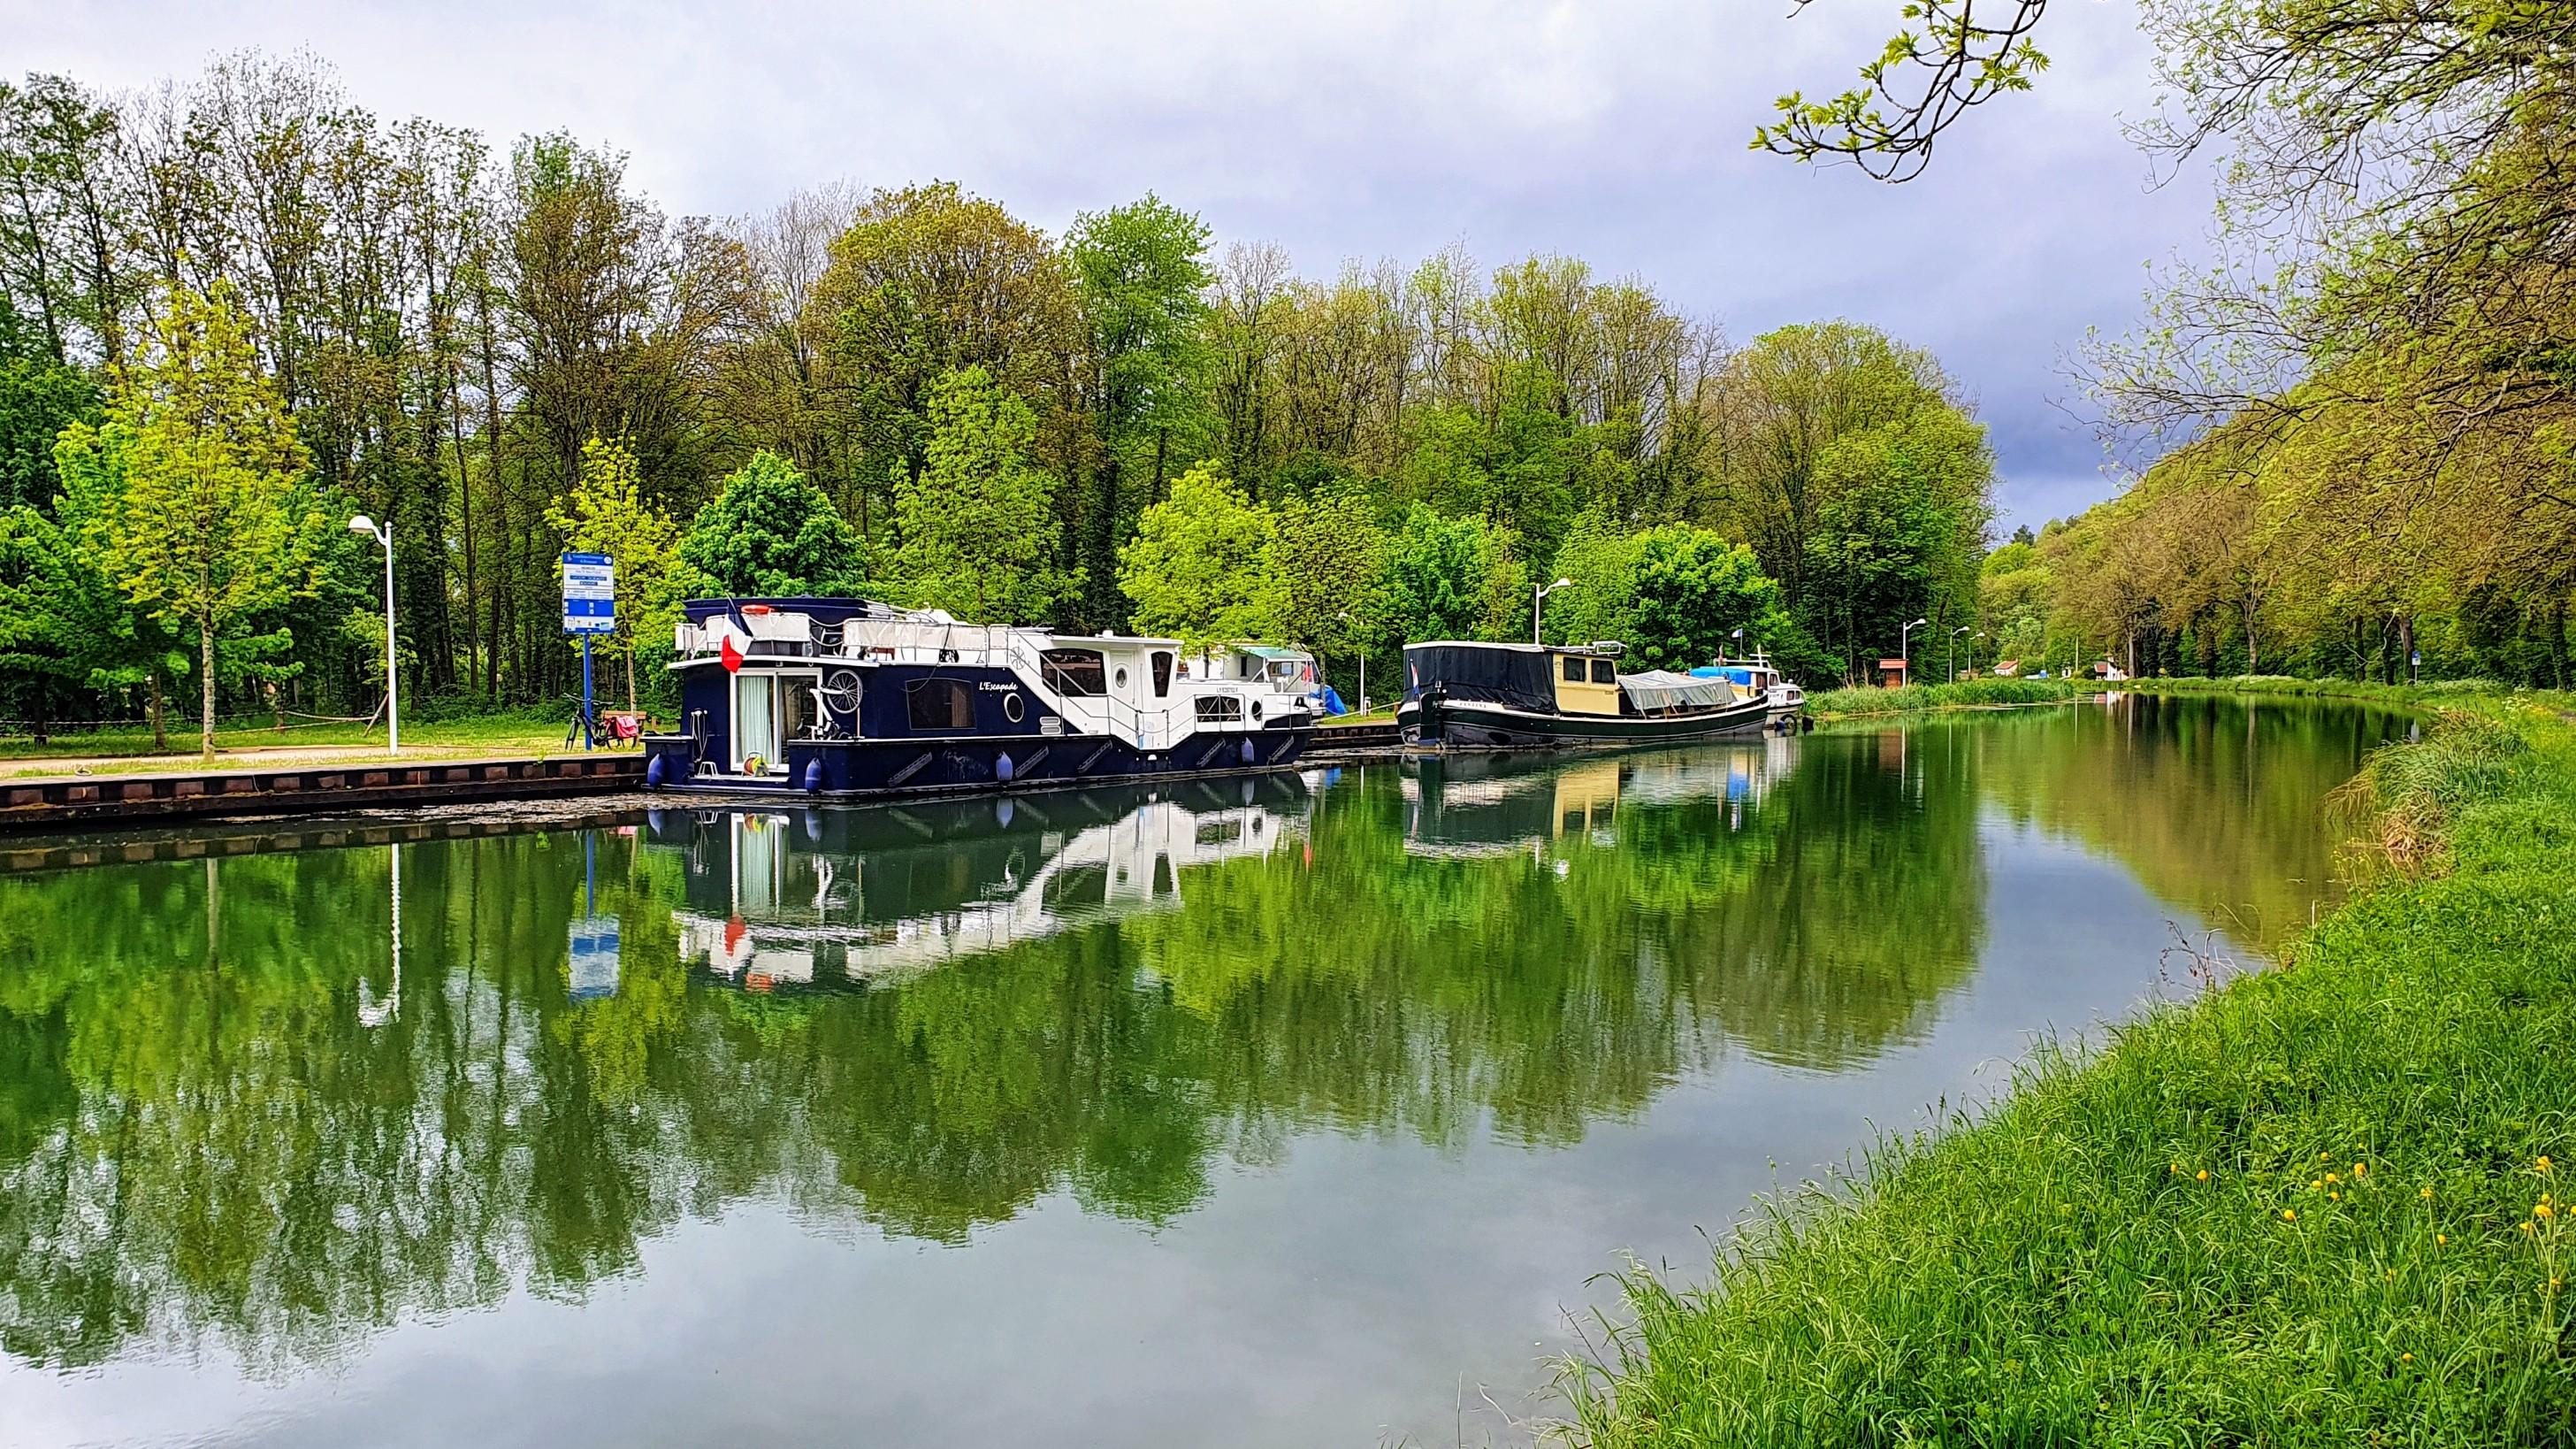 Anlegesteg mit nur 3 Booten und viel Platz und frühlingshaftem Grün